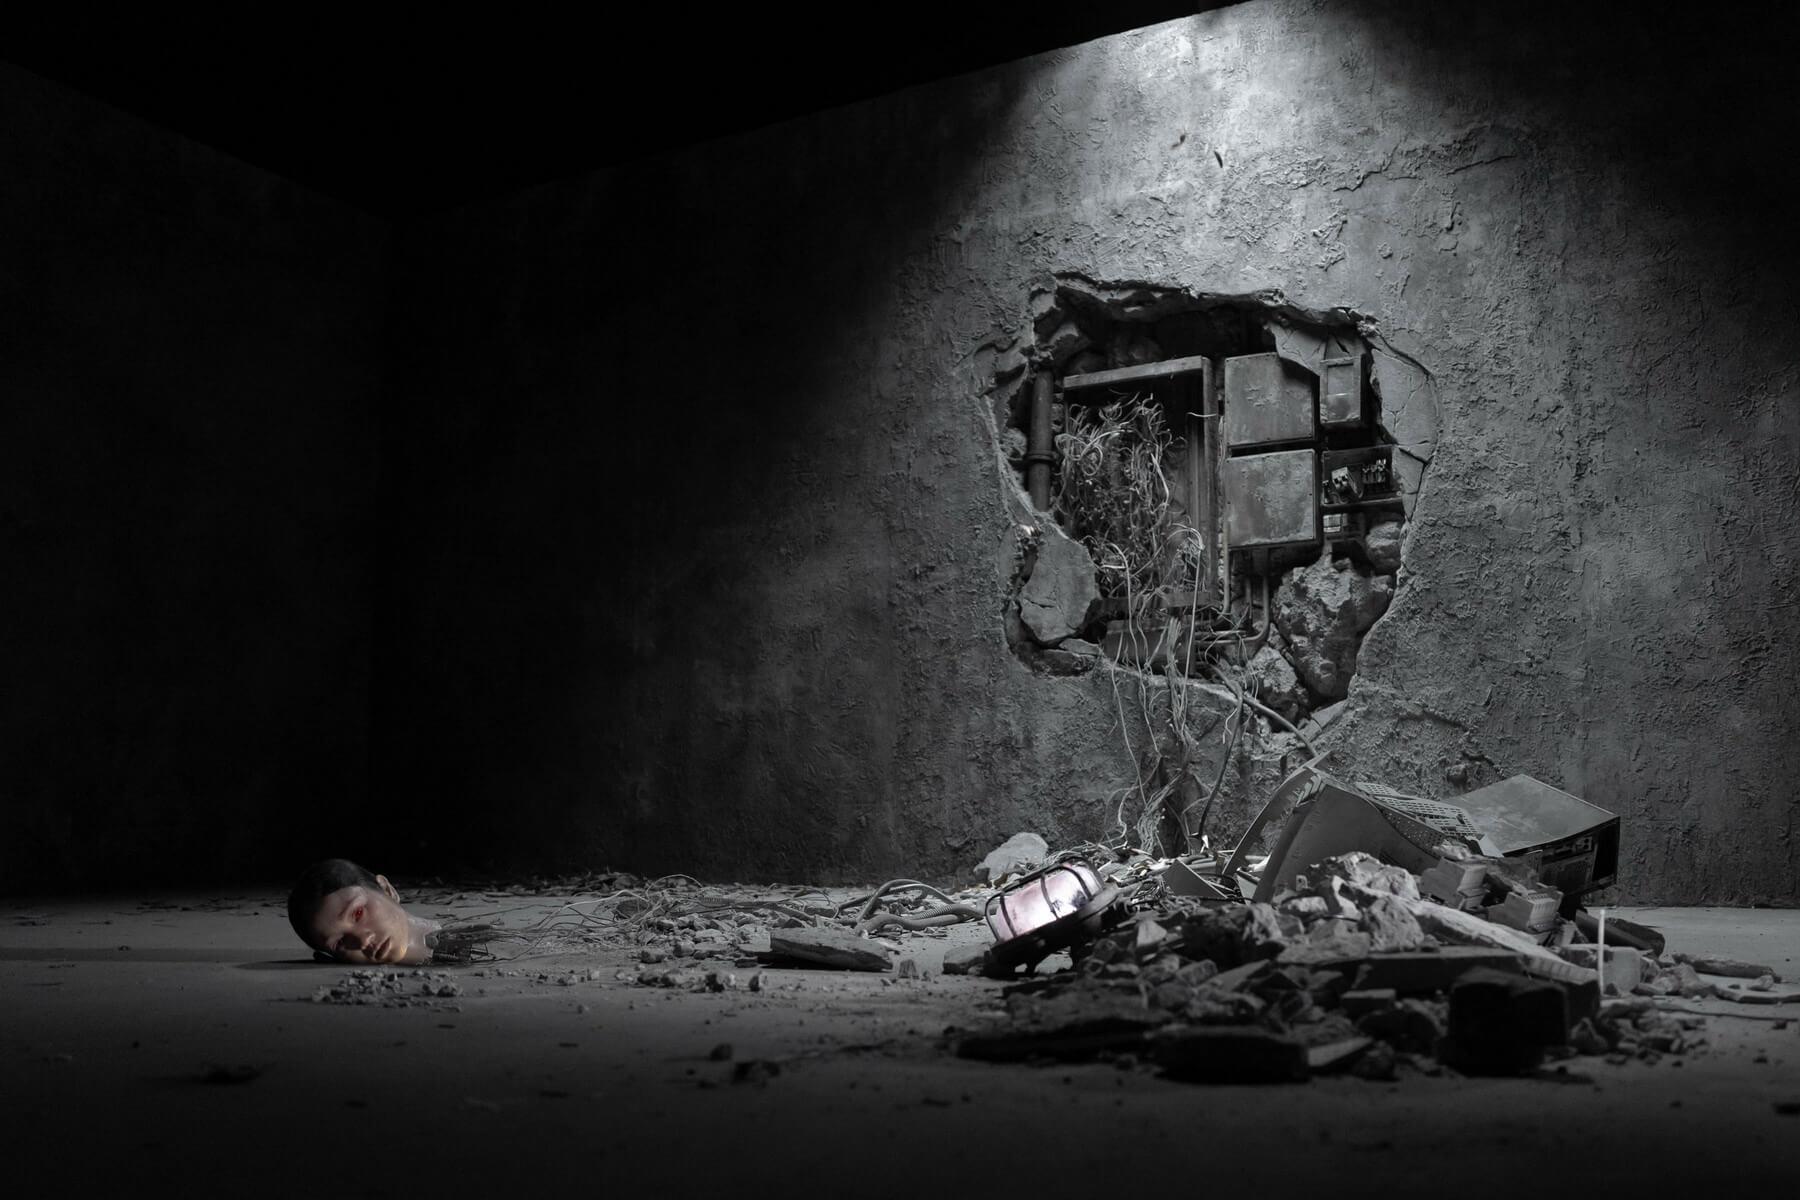 麥浚龍與謝安琪於上月聯手推出的專輯《the album and the end of it》,隨碟附上的QR Code更暗藏彩蛋。